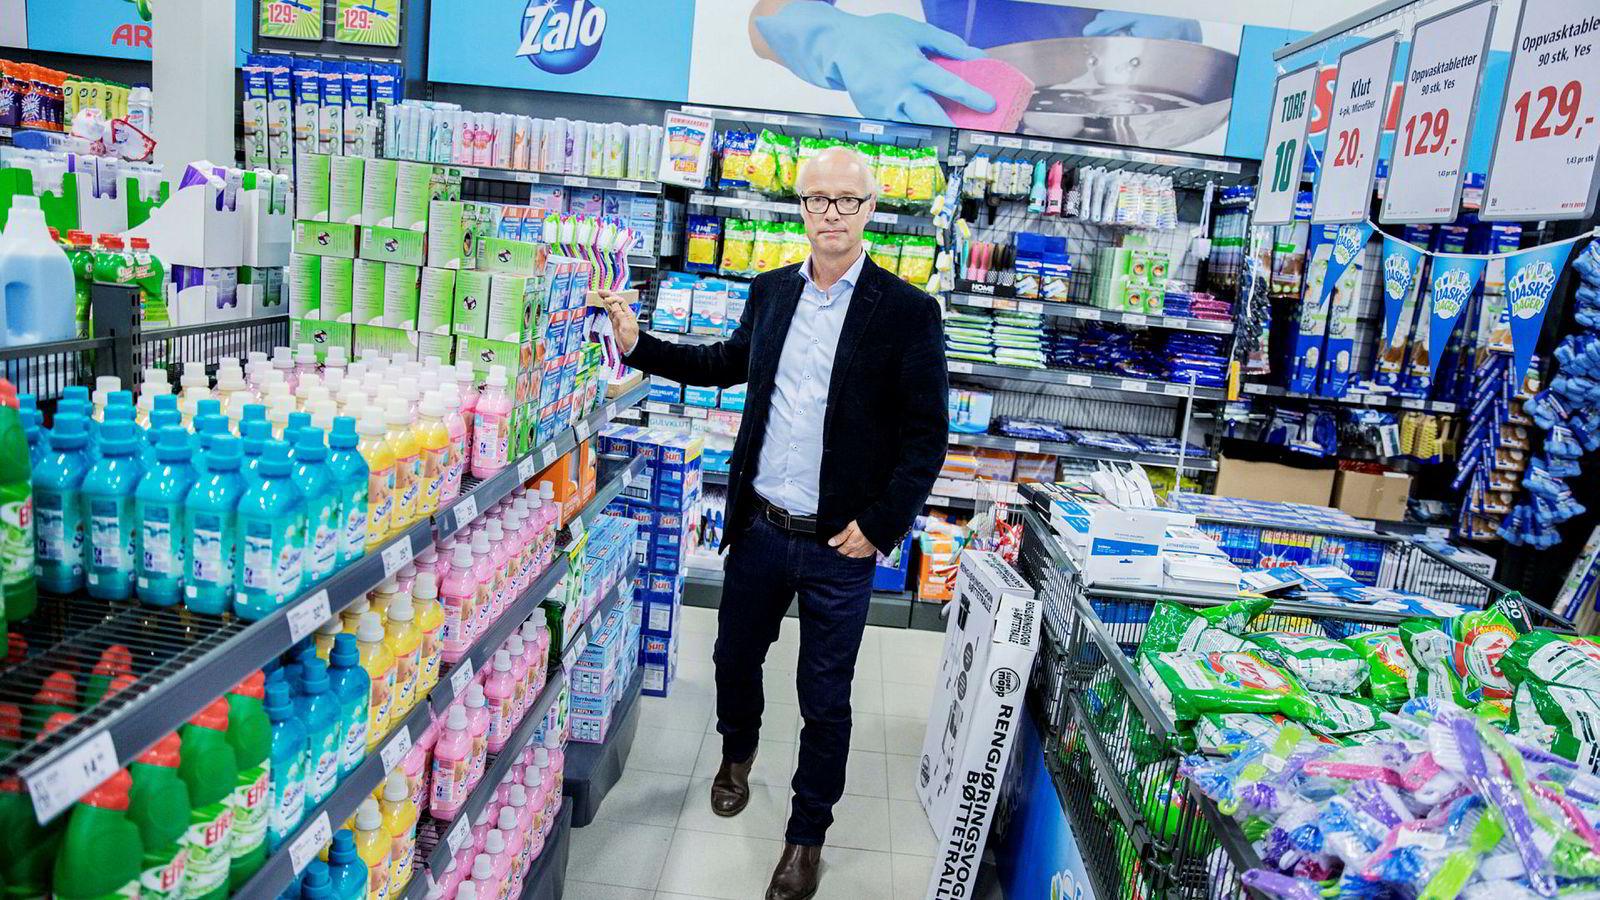 – Dette er det verst tenkelige tidspunktet å ha for mange produkter på, sier Europris-sjef Pål Wibe om de fulle lagrene i første kvartal.